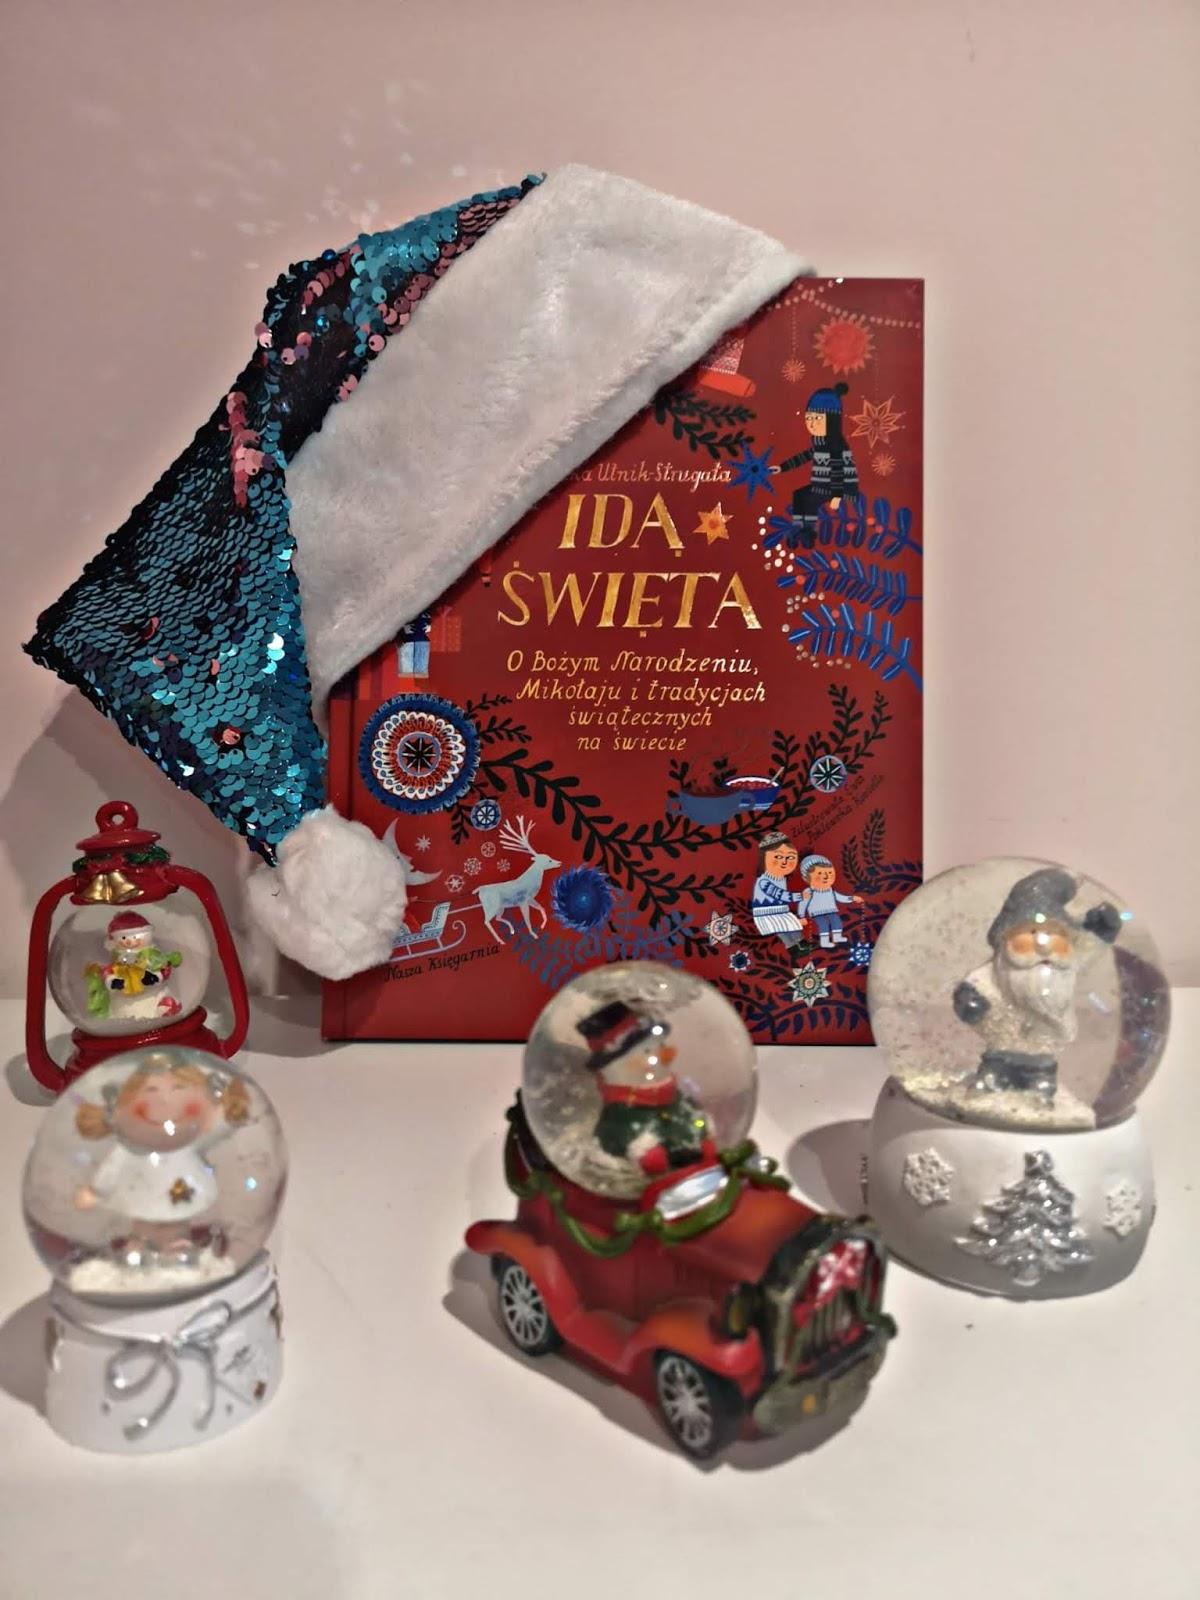 Święta z wydawnictwem Nasza Księgarnia. IDĄ ŚWIĘTA oraz WIECZÓR GWIAZDKOWY NA PLACU BUDOWY.